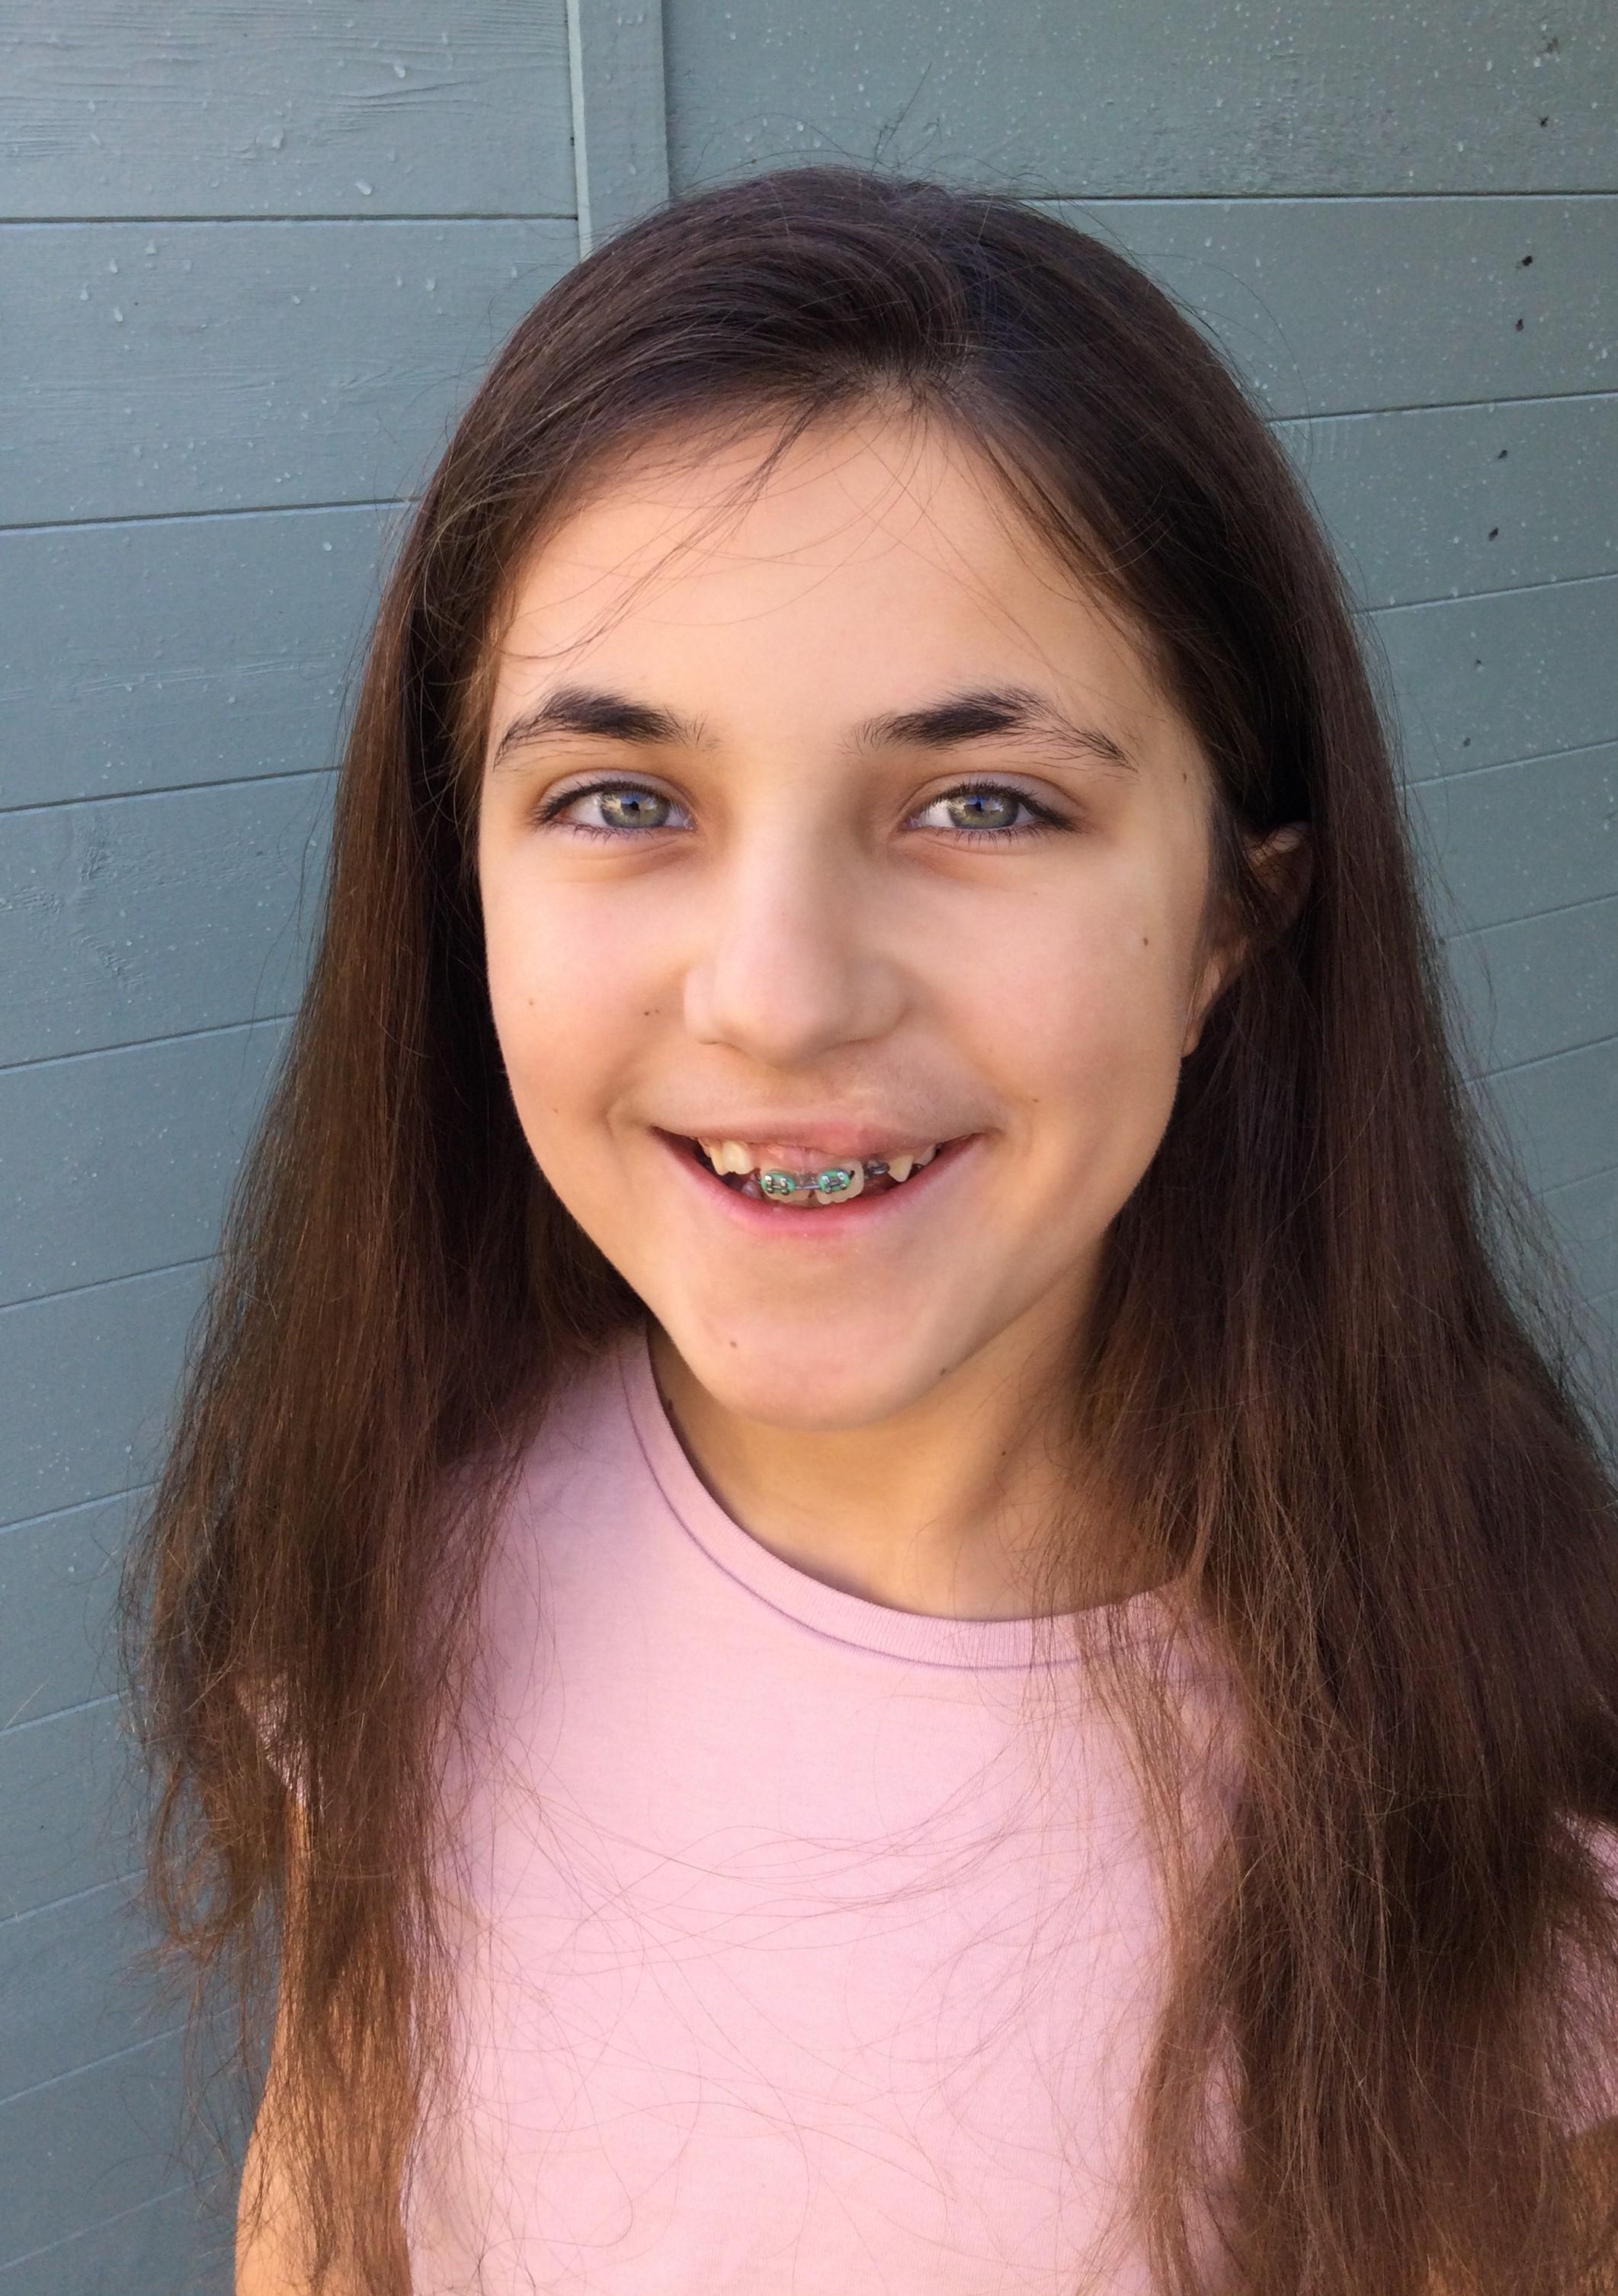 Emily 7 Aged 10